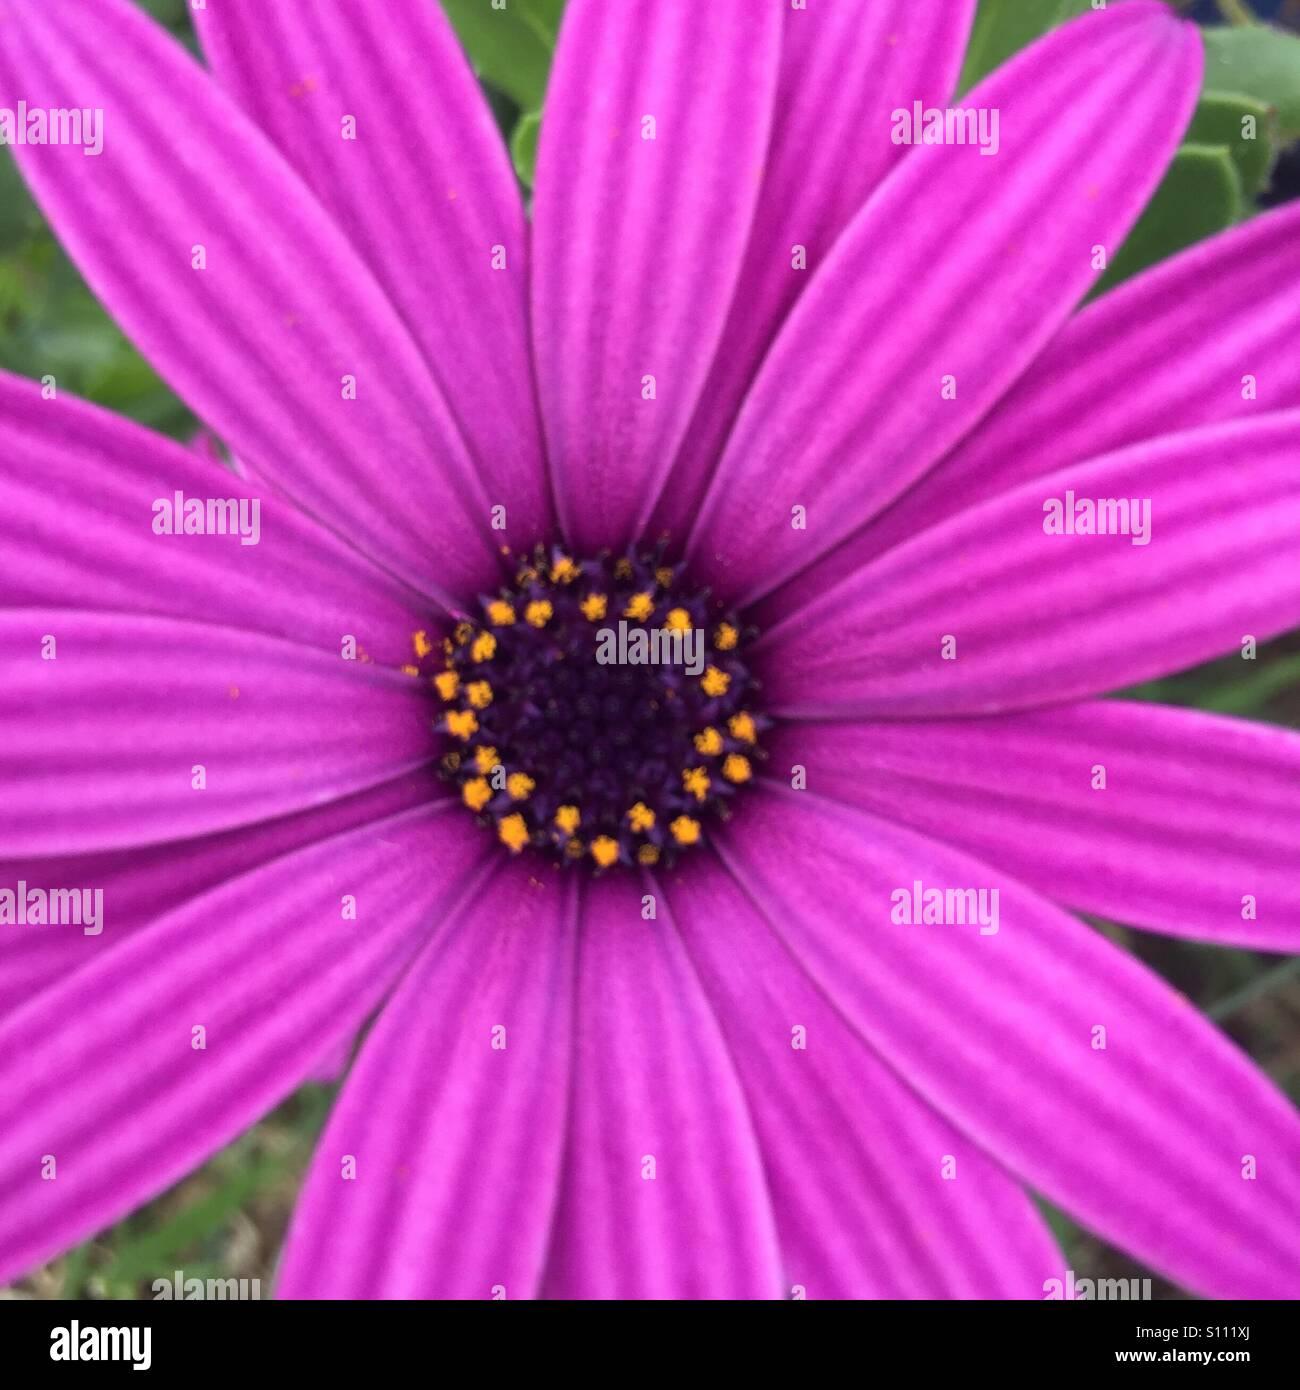 Summer magenta Senetti flower. - Stock Image